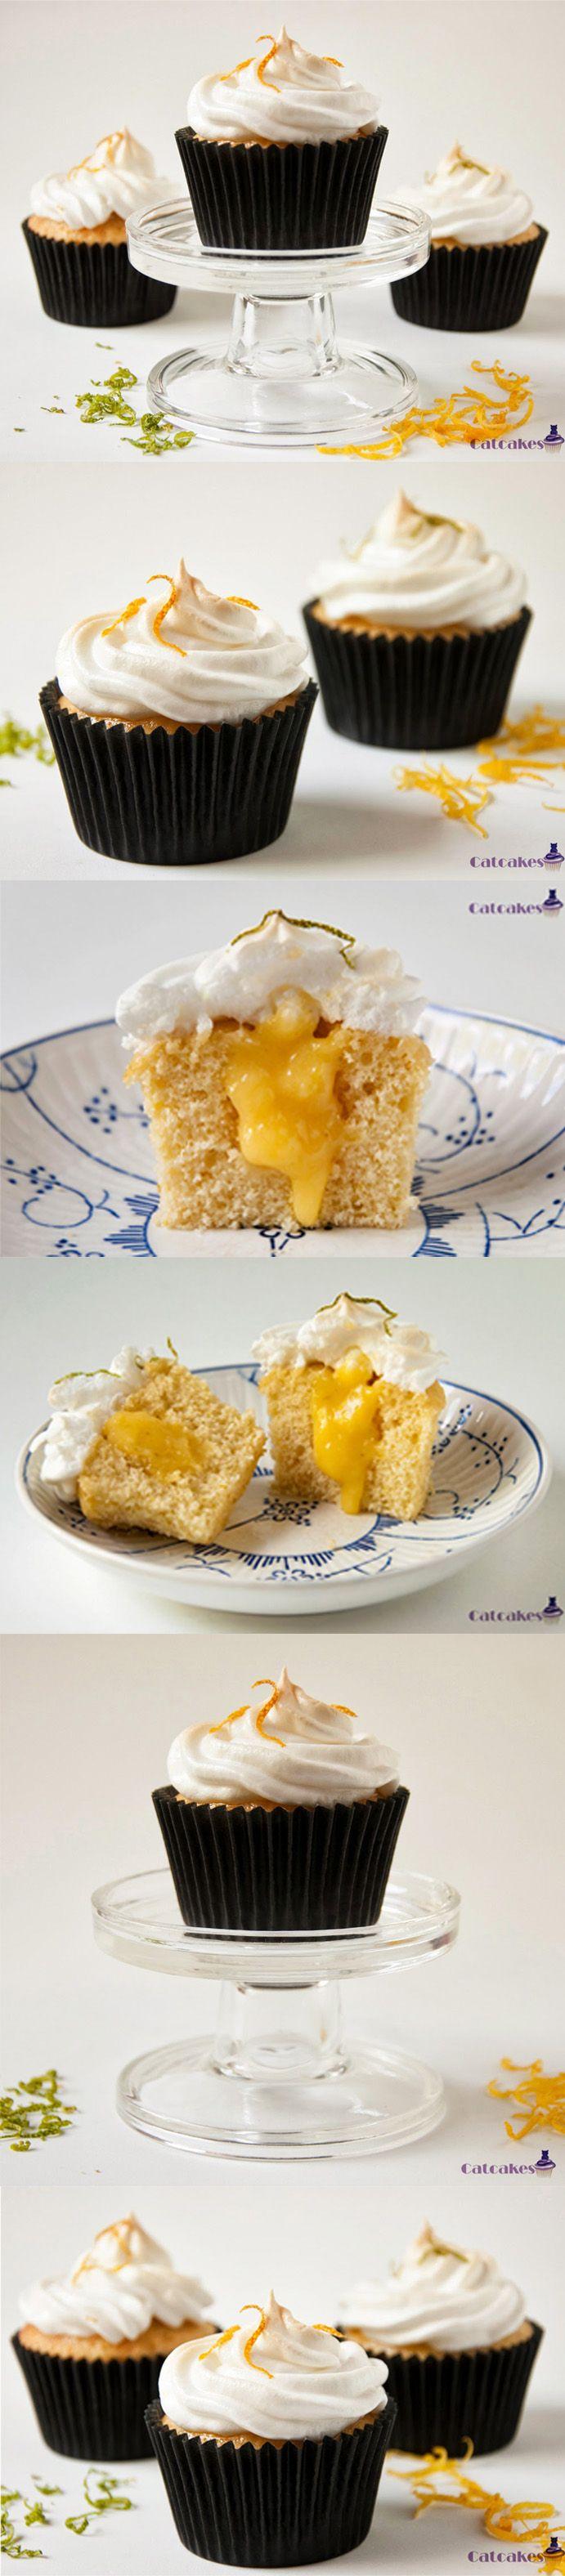 Cupcakes de lima, limón y merengue / http://www.catcakes.es/